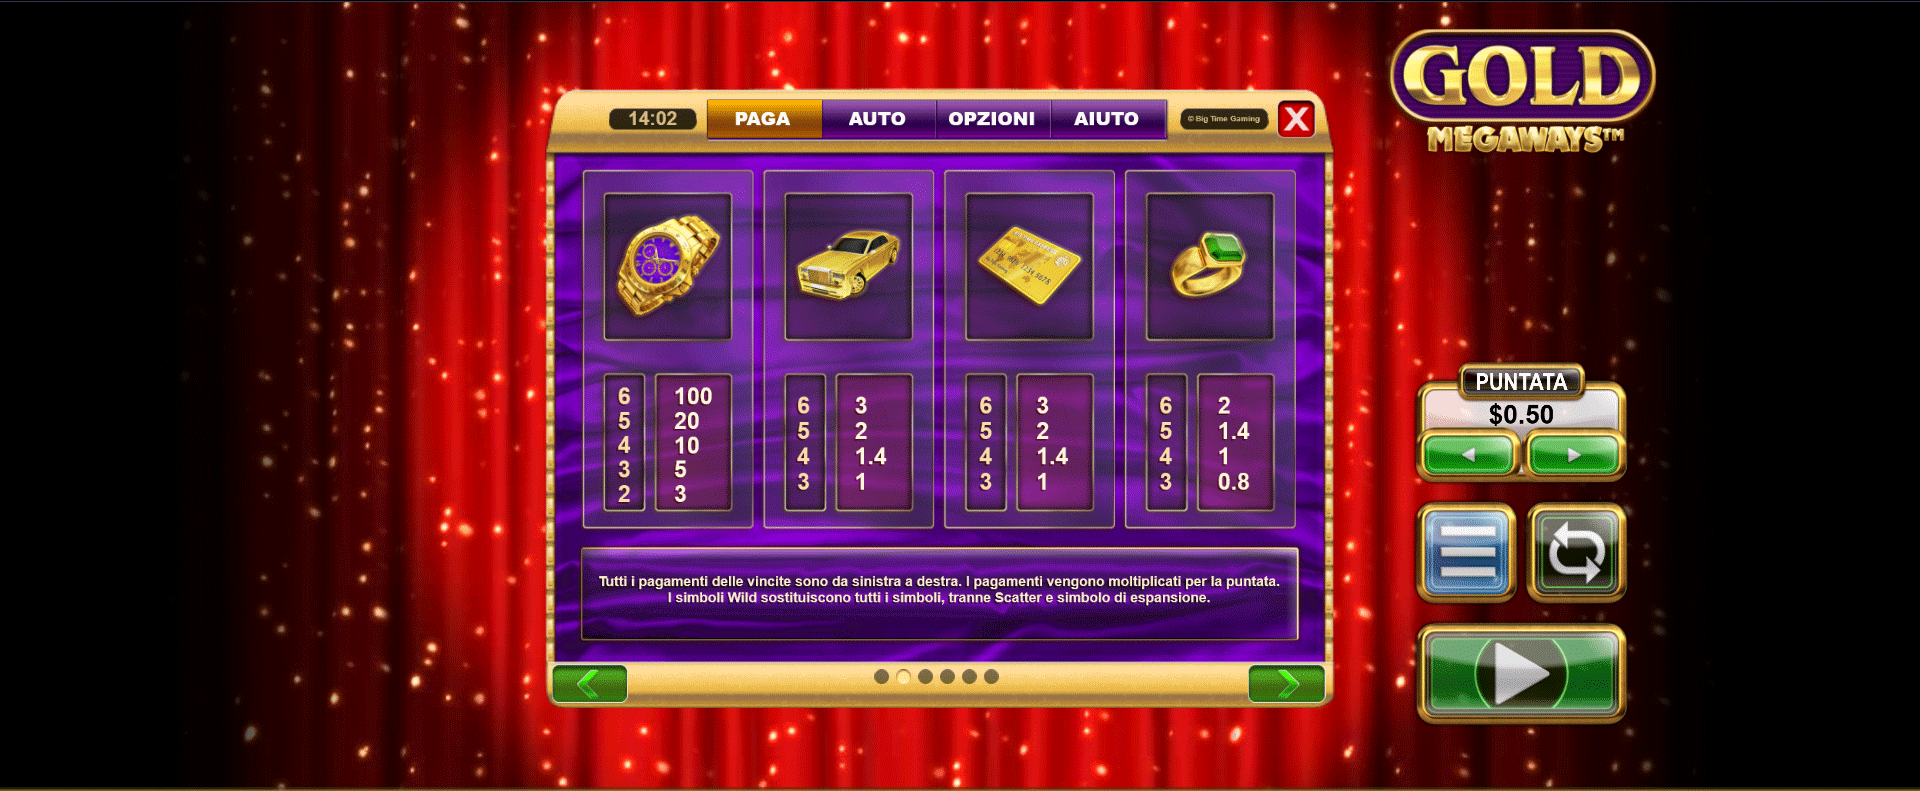 tabella dei pagamenti slot machine gold megaways